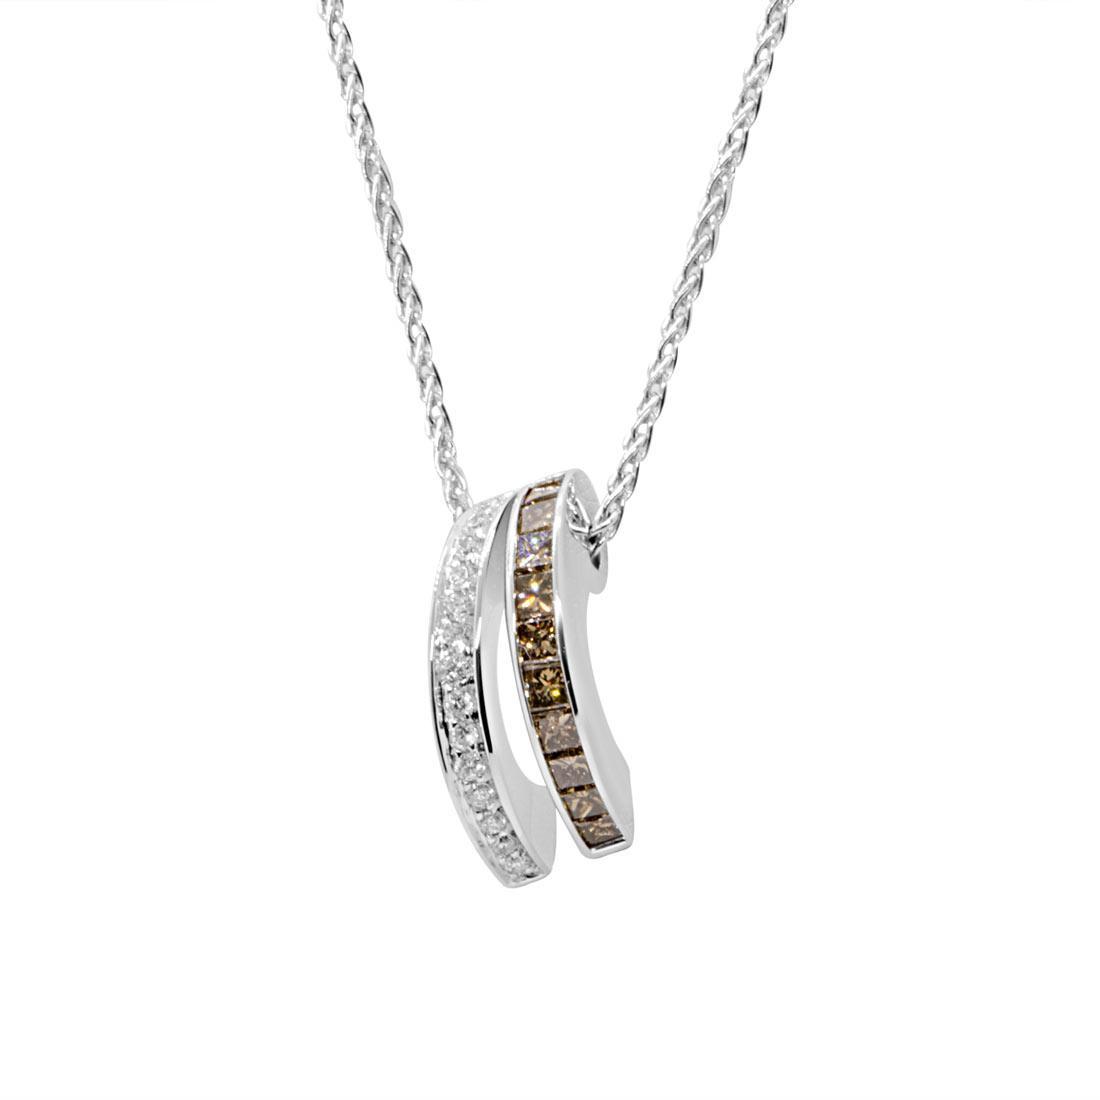 Collana in oro bianco, pendente con diamanti 1,08 ct - ALFIERI & ST. JOHN